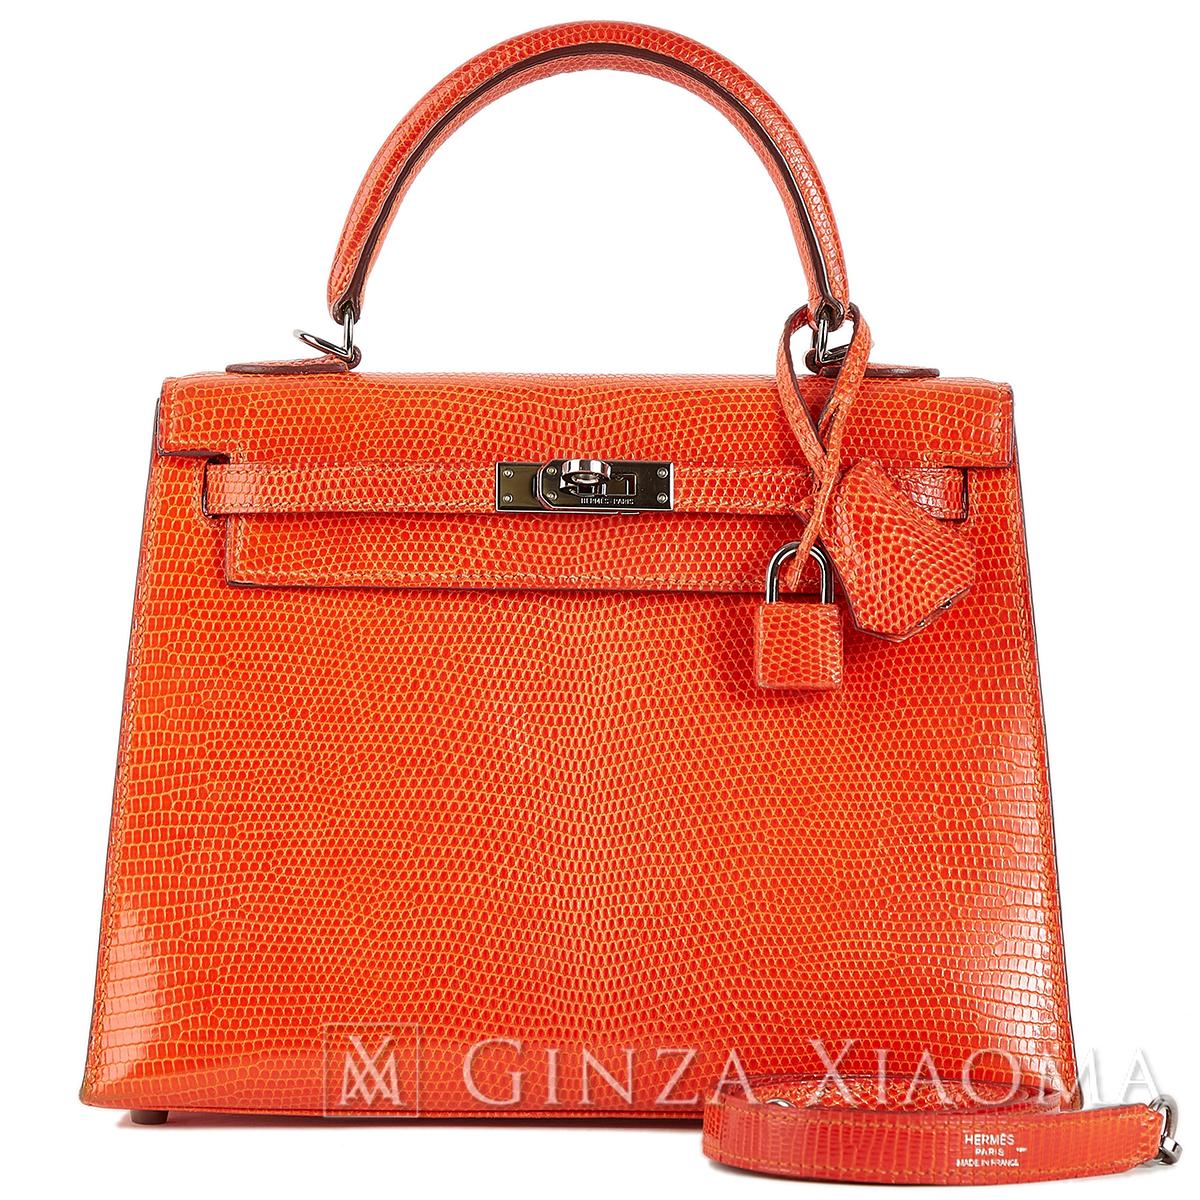 【美品】HERMES エルメス ハンドバッグ ケリー 25 外縫い リザード オレンジ ルテニウム金具 □K刻印 中古